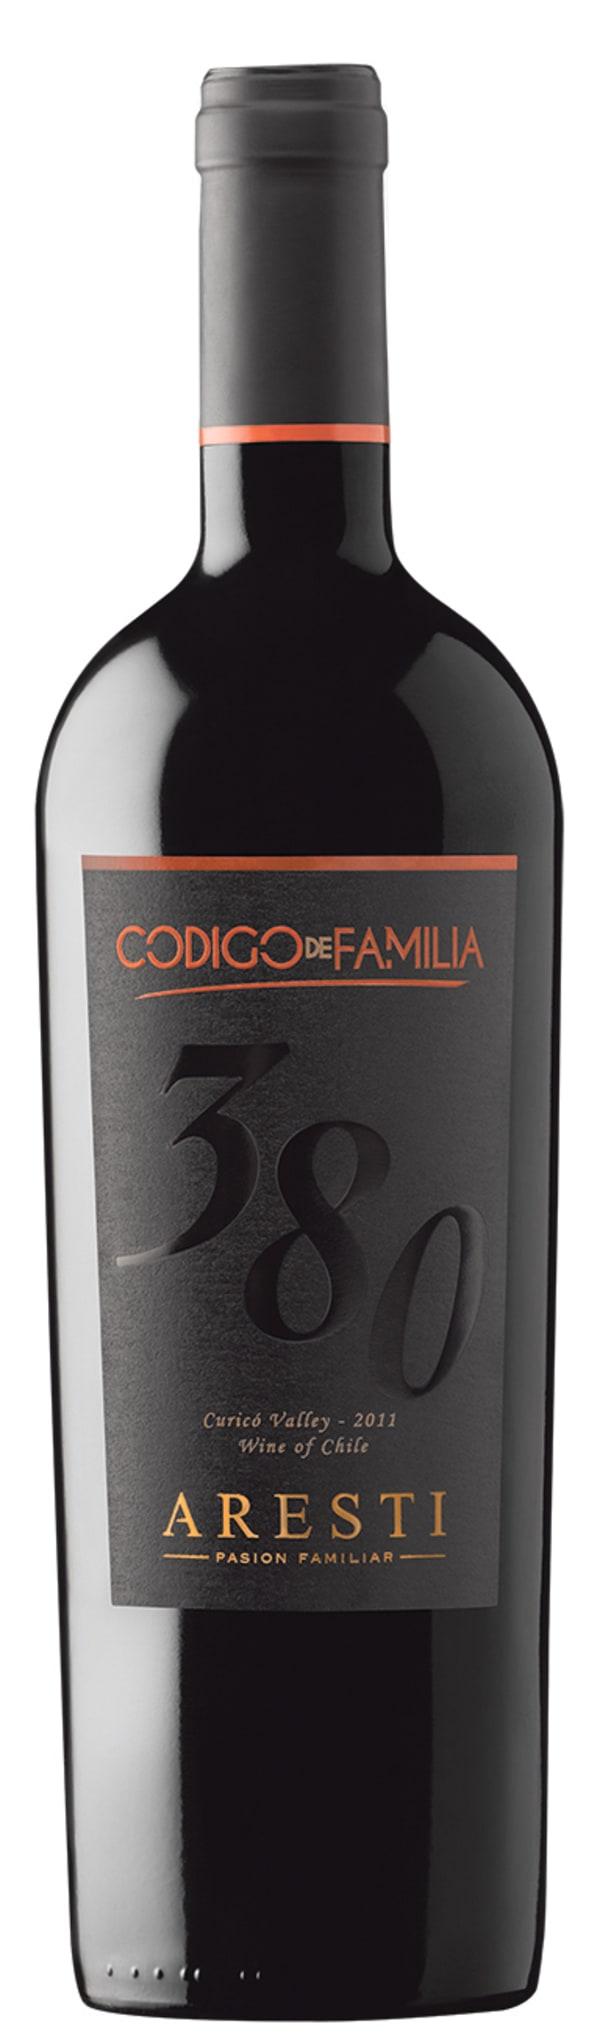 Aresti Codigo de Familia 380 2011